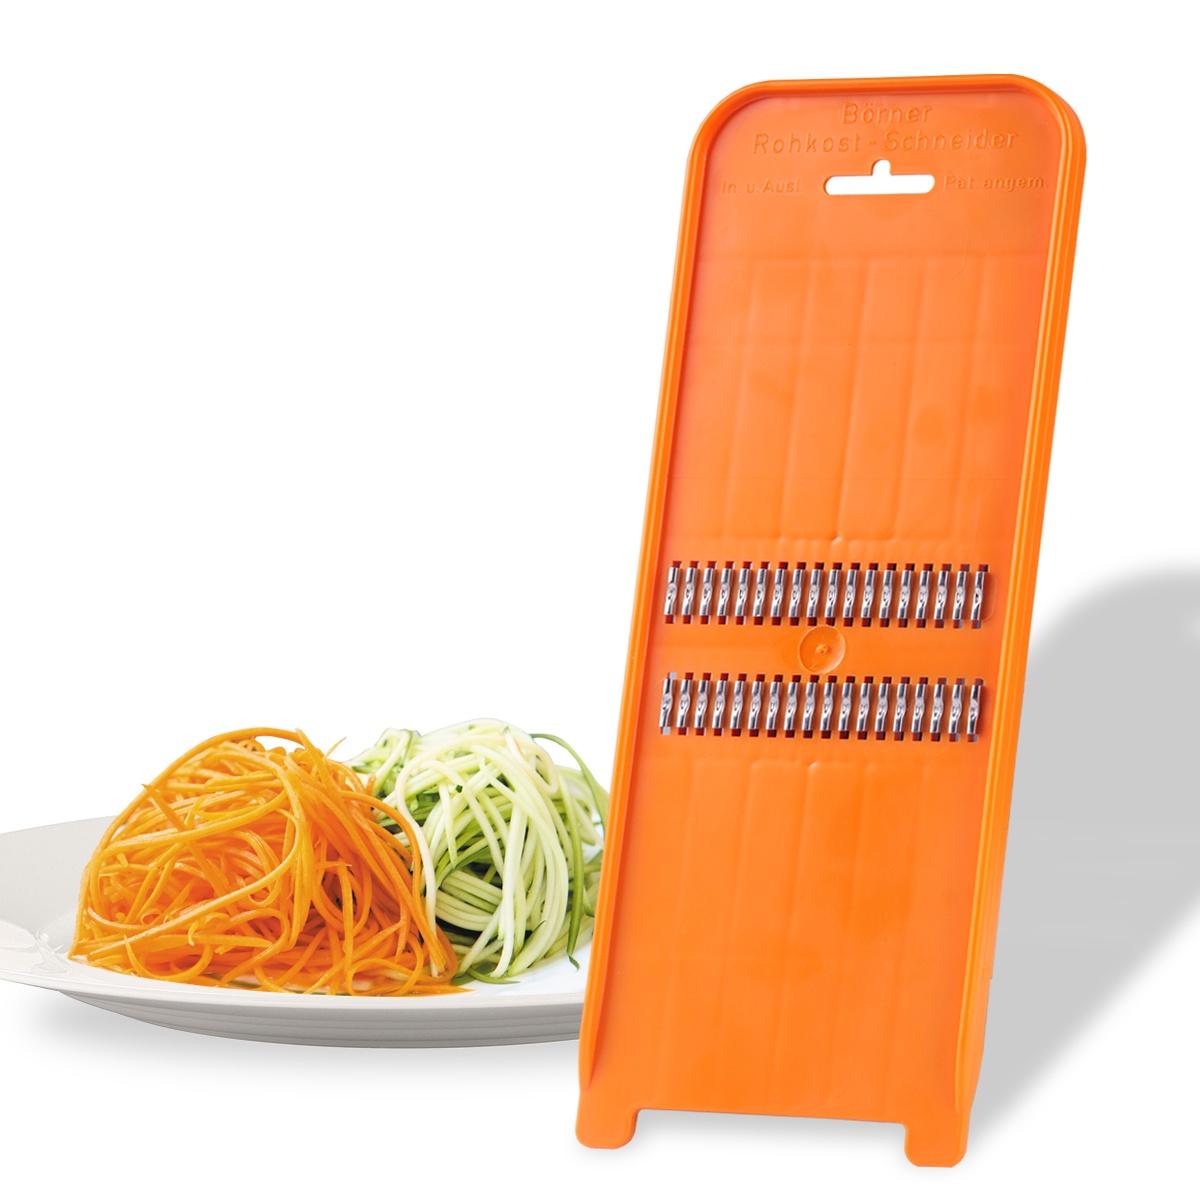 Роко-терка Borner Classic (Германия) для корейской моркови, цвет: оранжевый овощерезка для декораций borner классика германия цвет салатовый